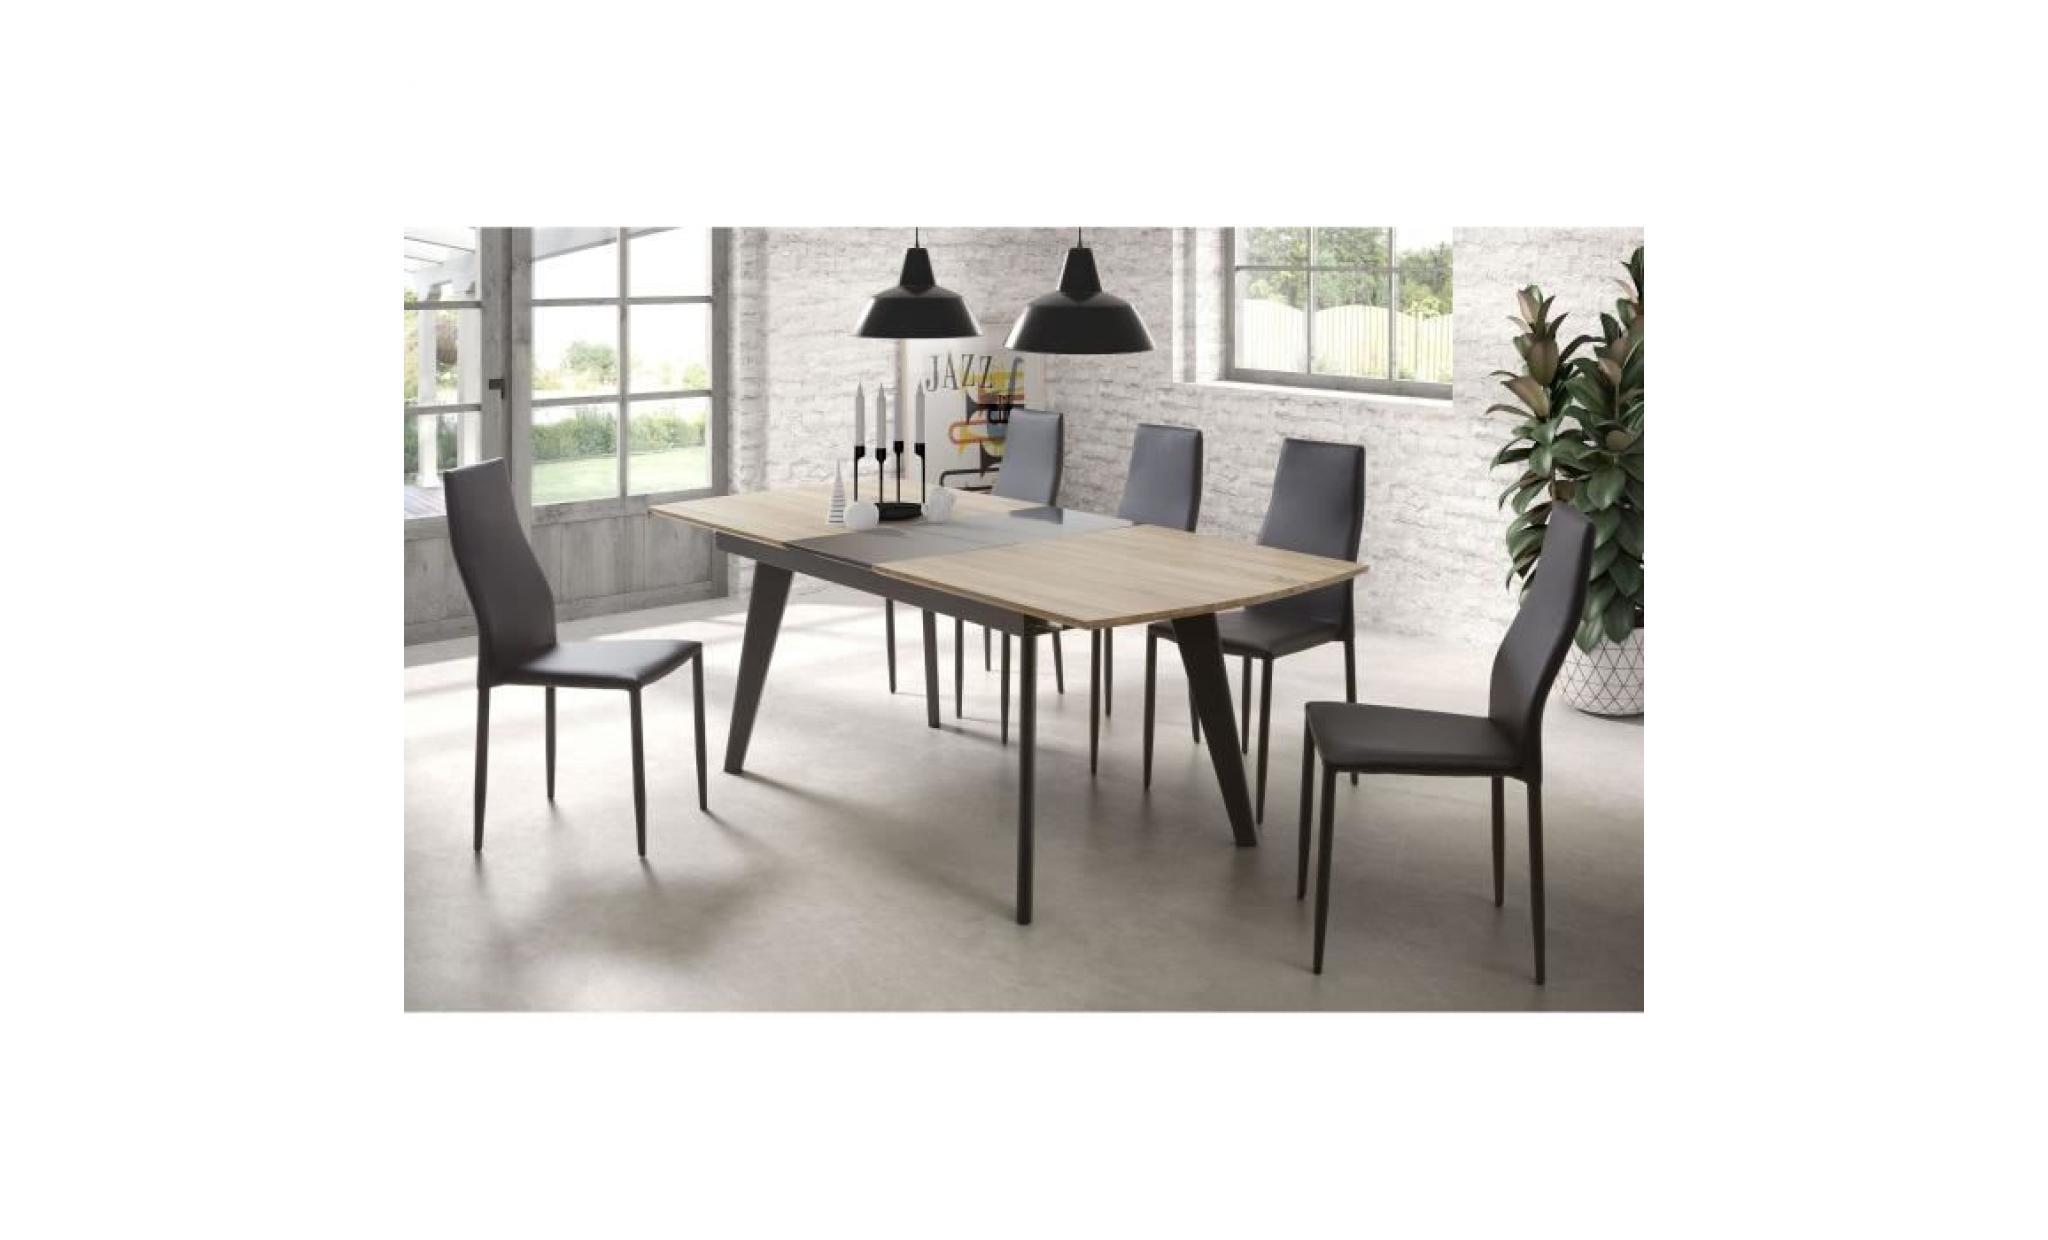 Table A Manger Extensible Pas Cher.Donna Table A Manger Extensible De 6 A 8 Personnes Industriel Aspect Bois Et Noir Verni L 160 200 X L 90 Cm